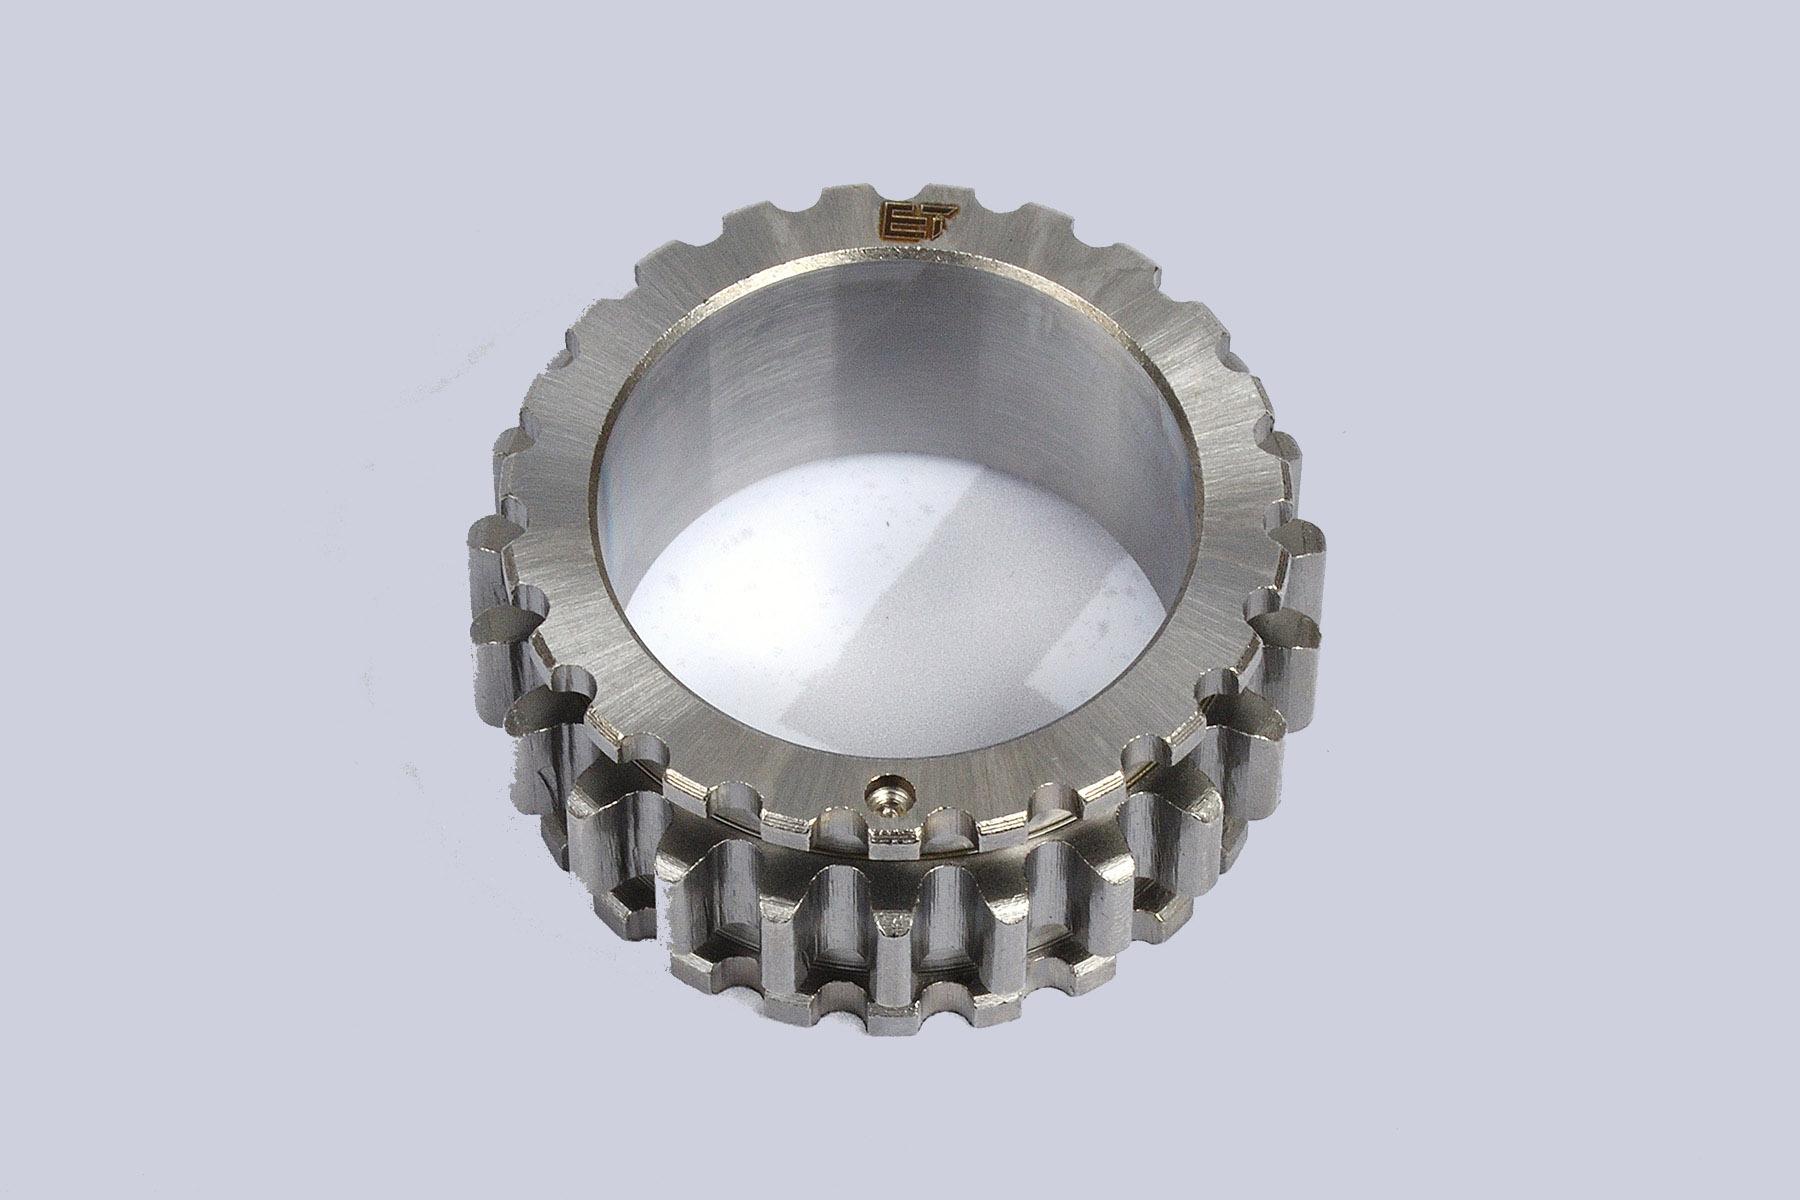 U6ZlPf - Hyundai ix20 / i30 / Accent Timing chain kit OEM 243212B000kits